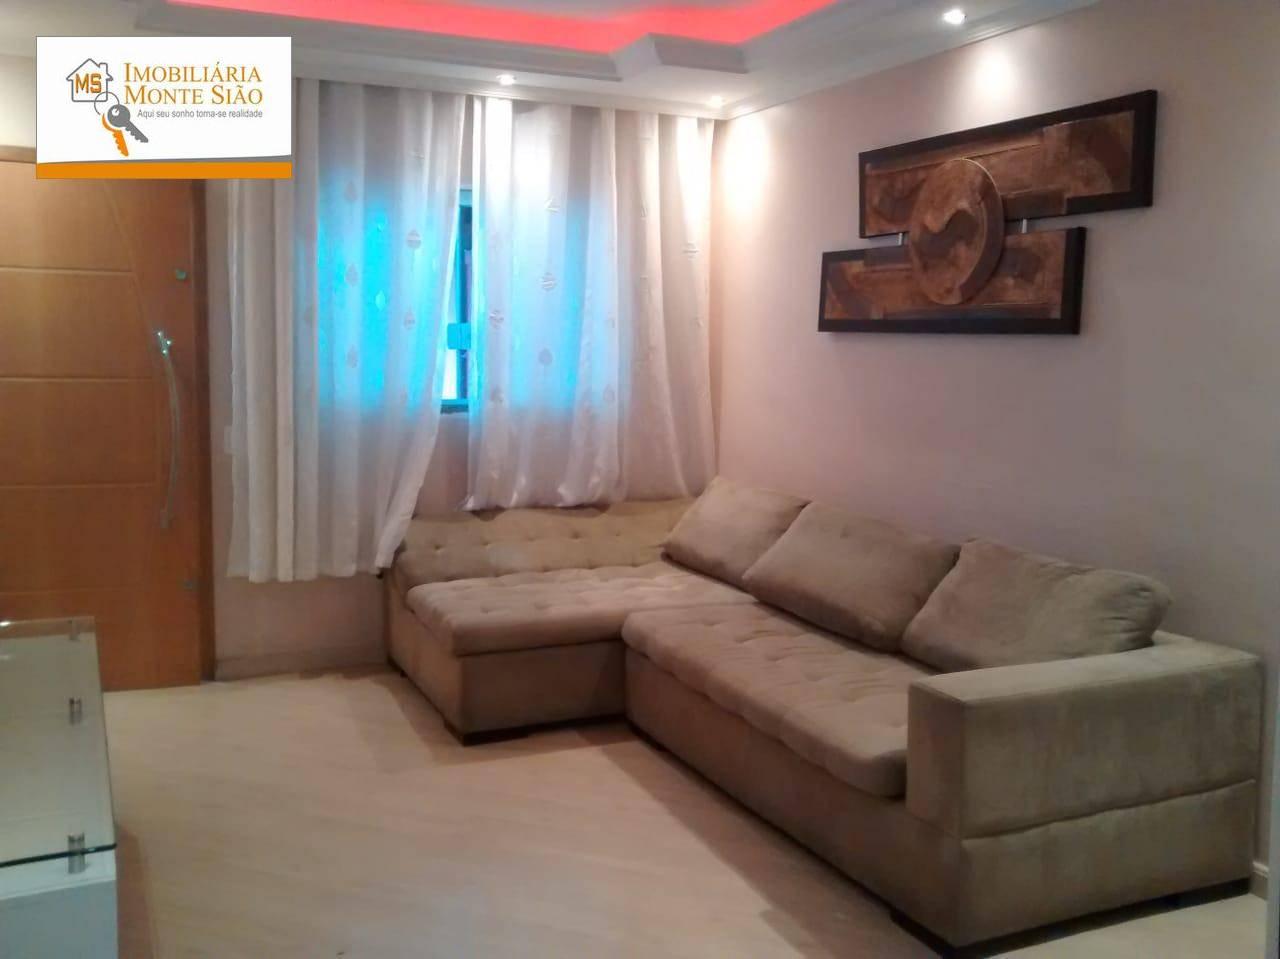 Sobrado com 2 dormitórios à venda, 70 m² por R$ 390.000,00 - Parque Continental - Guarulhos/SP